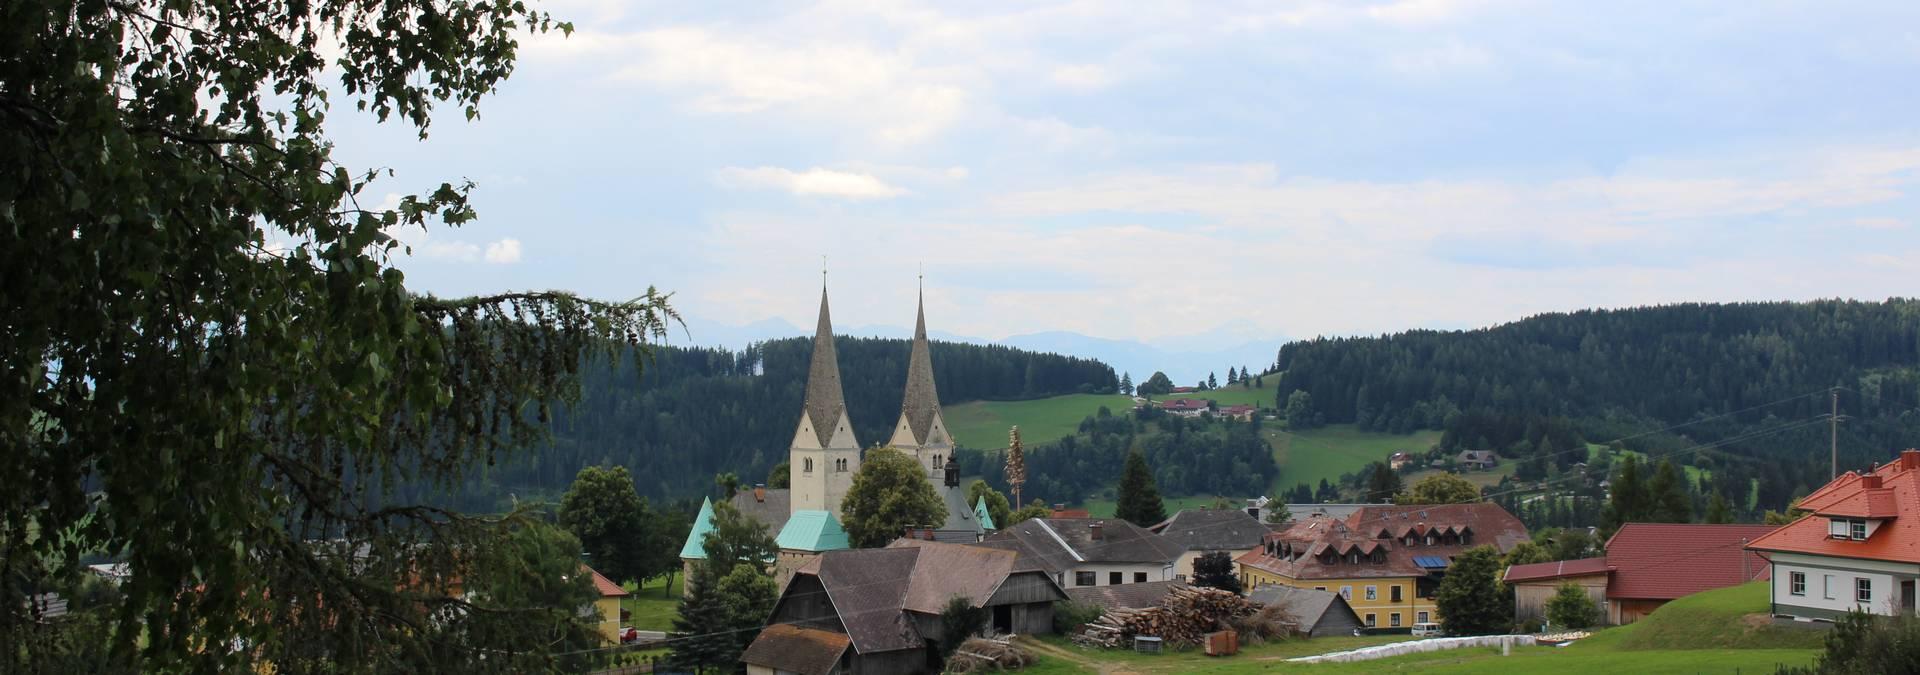 <p>Locationbilder der Pfarrkirche Diex</p><p>Außenansicht, Innenansicht wie auch Ansicht des Friedhofs </p>